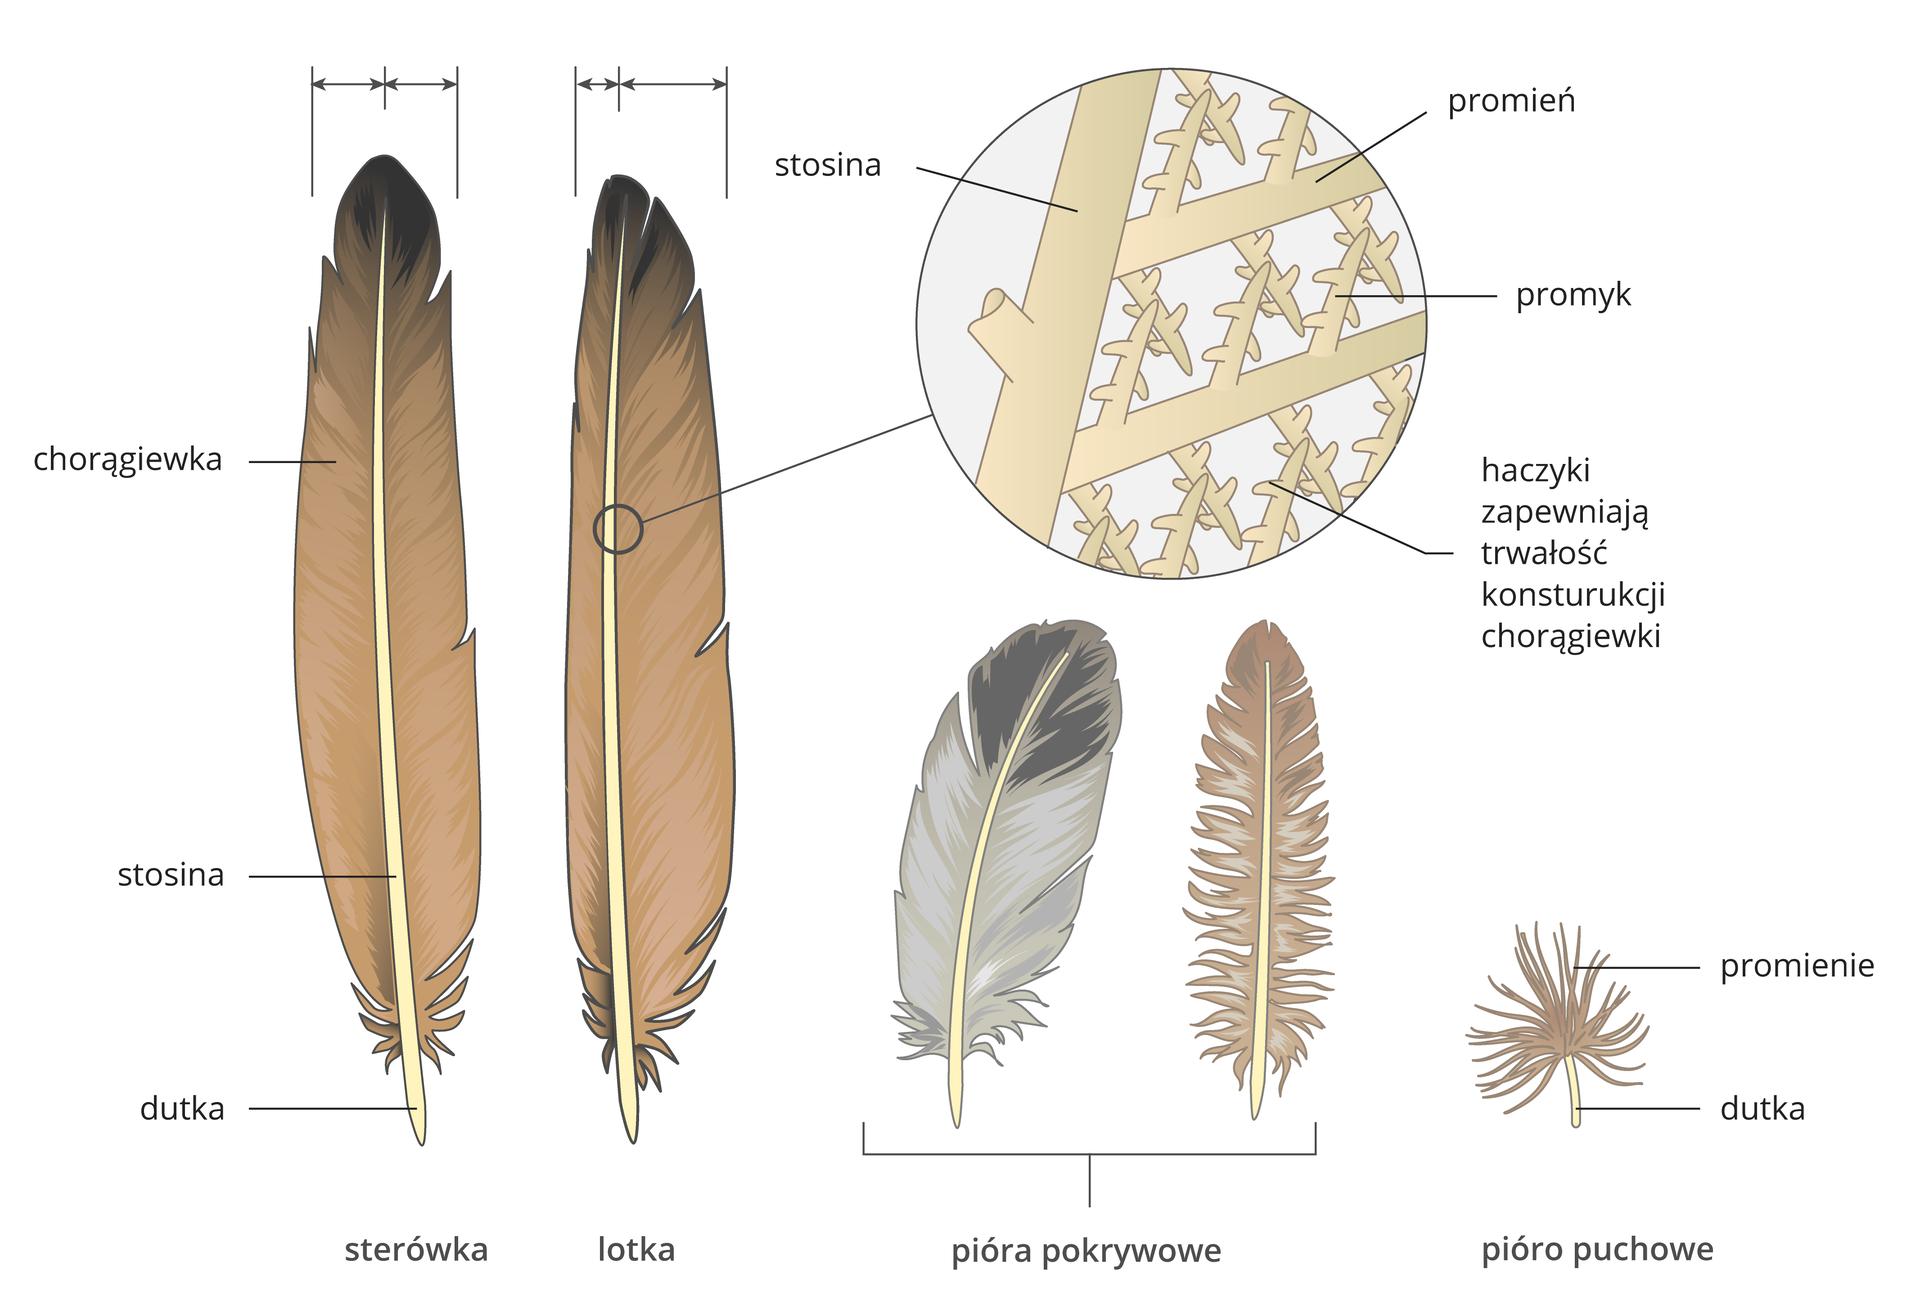 Ilustracja przedstawia wpionie pięć typów piór ptaka, różniących się budową. Od lewej sterówka. Składa się zdutki udołu, stosiny wzdłuż ibeżowo – brązowej chorągiewki. Chorągiewka ma taką sama szerokość po obu stronach stosiny. Następne pióro to lotka. Części pióra te same, ale chorągiewka jest węższa po jednej, aszersza po drugiej stronie stosiny. Obok powiększenie fragmentu stosiny ichorągiewki. Od walcowatej stosiny odchodzą grube promienie, od nich cienkie promyki zhaczykami. Taka konstrukcja zapewnia trwałość chorągiewki. Kolejne dwa pióra: szaro – czarne ibeżowe to pióra pokrywowe. Ostatnie wrzędzie jest pióro puchowe, które na dutce ma nitkowate promienie.